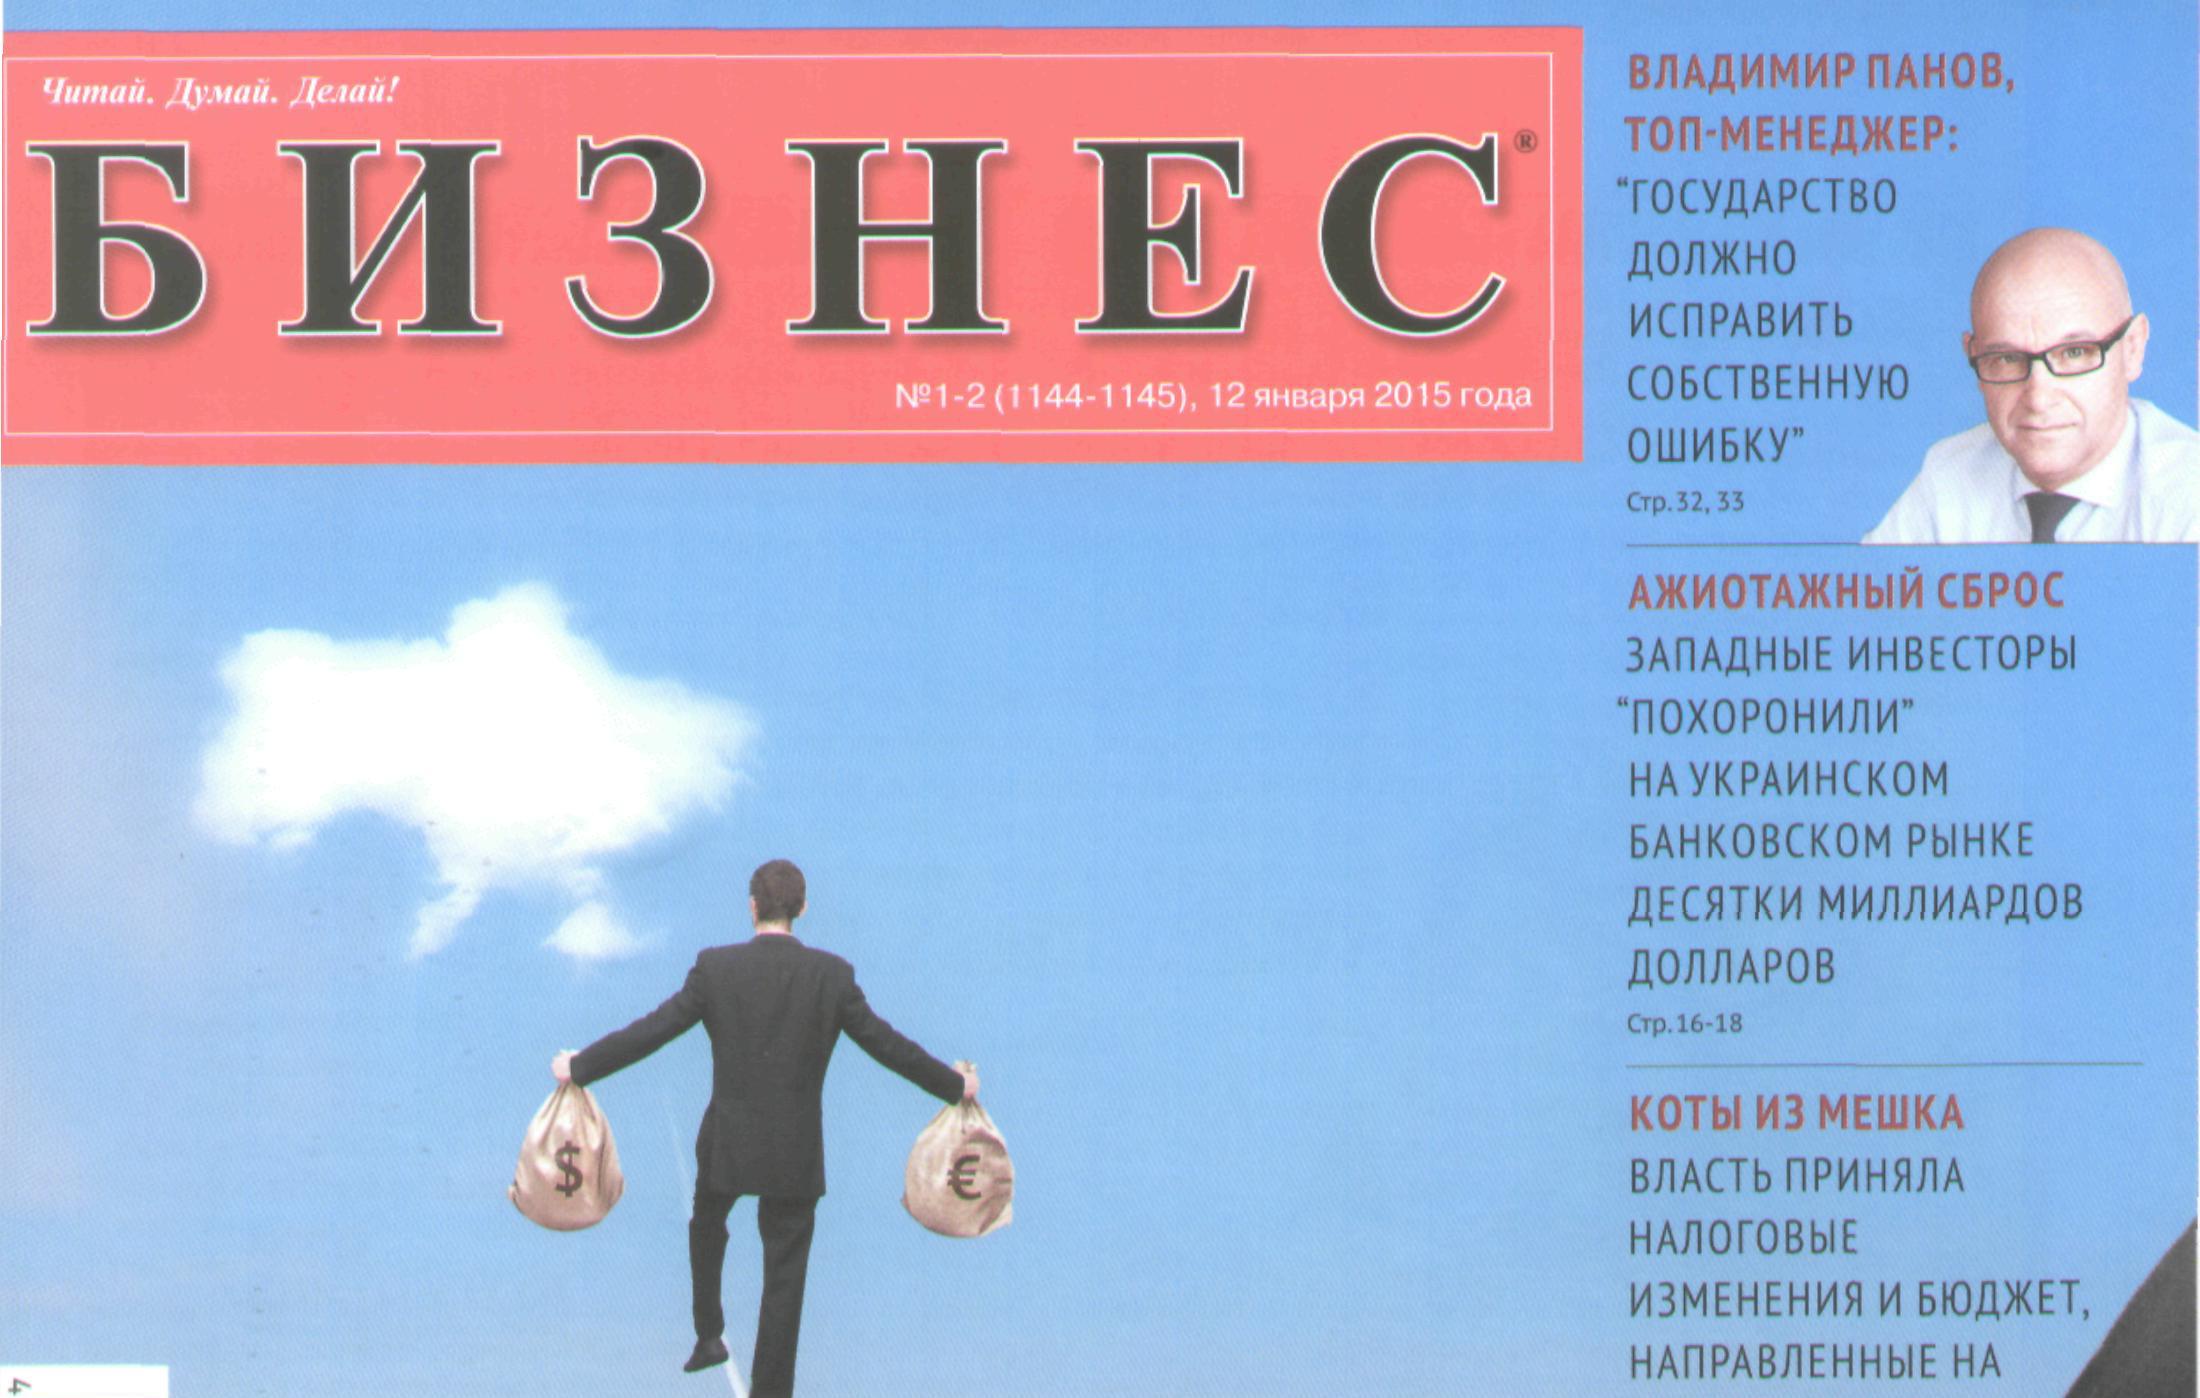 Помилку», - інтерв'ю журналу «бізнес